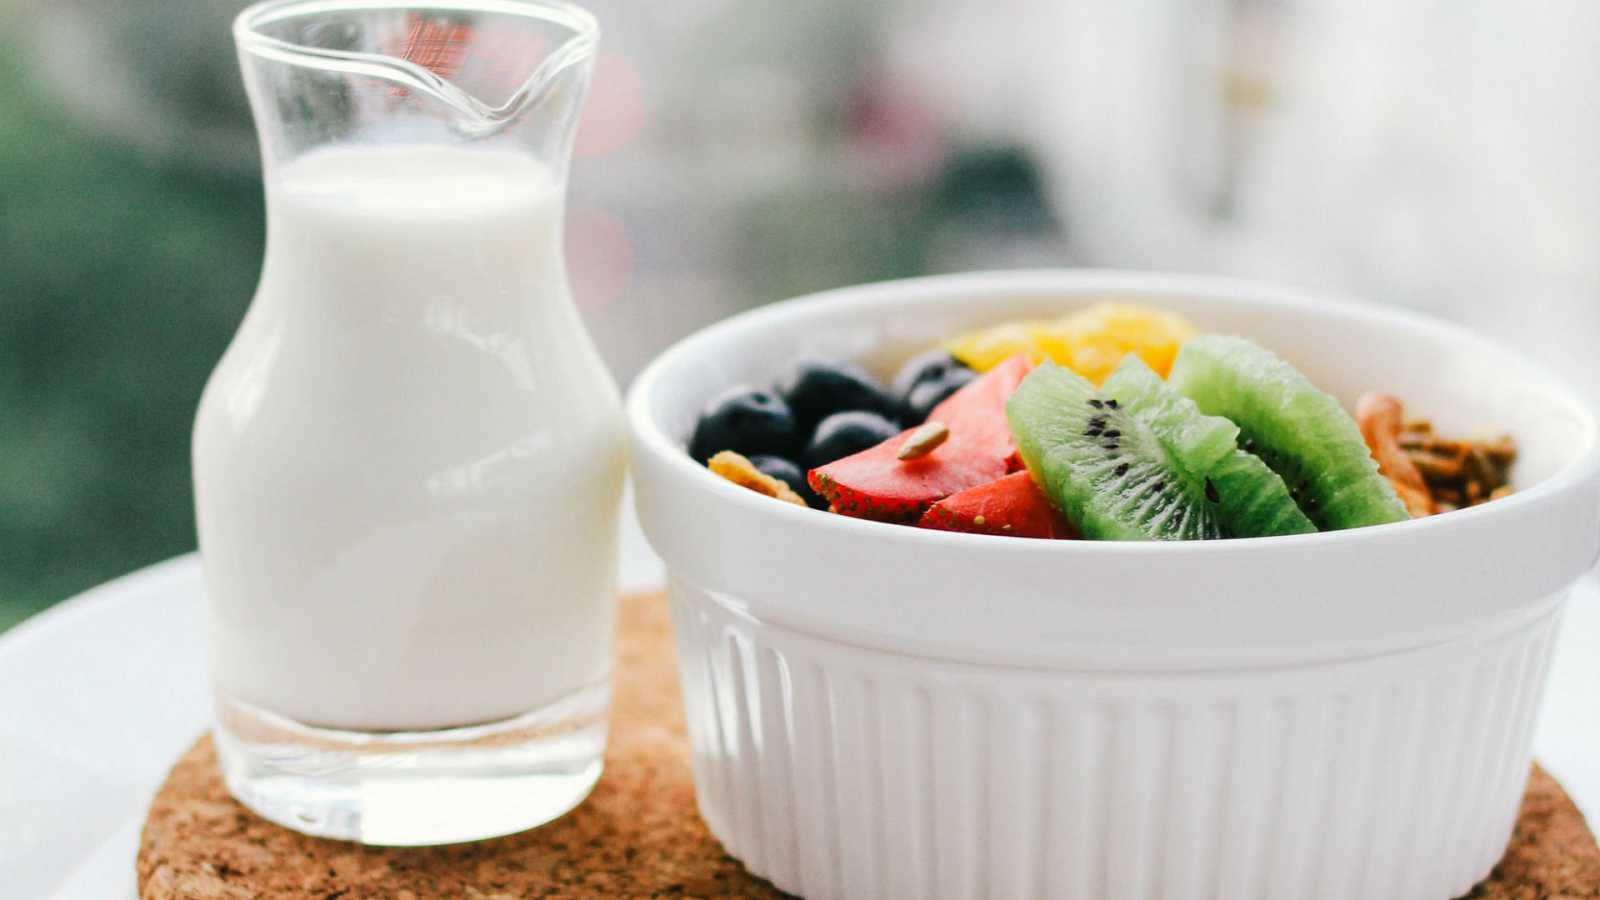 Alimento y salud - Leche, microbiota - 07/06/20 - escuchar ahora